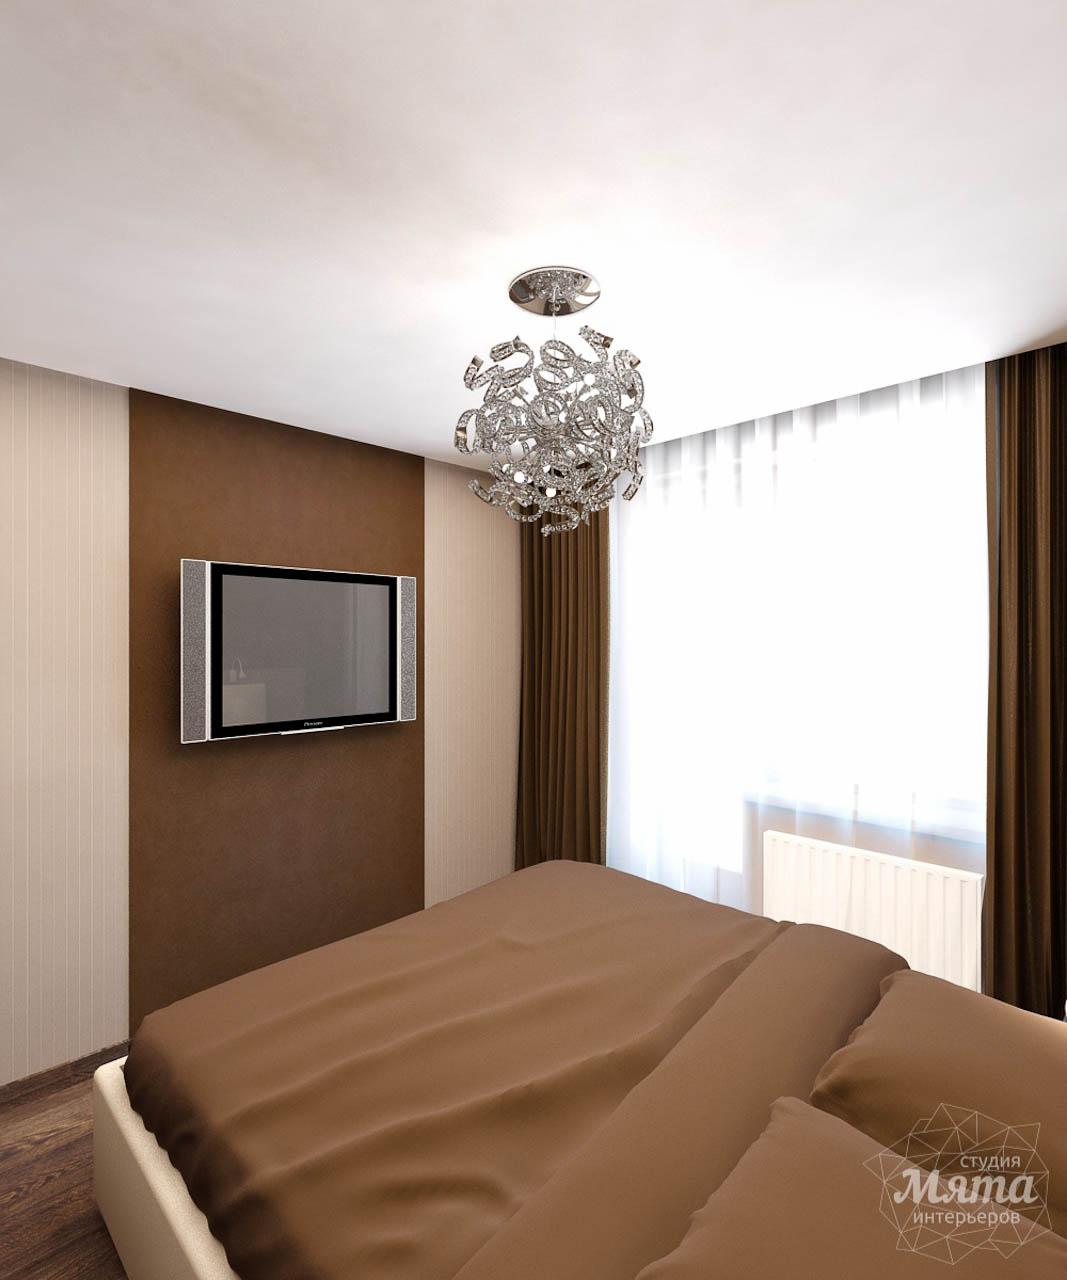 Дизайн интерьера двухкомнатной квартиры по ул. Бебеля 156 img1845615883